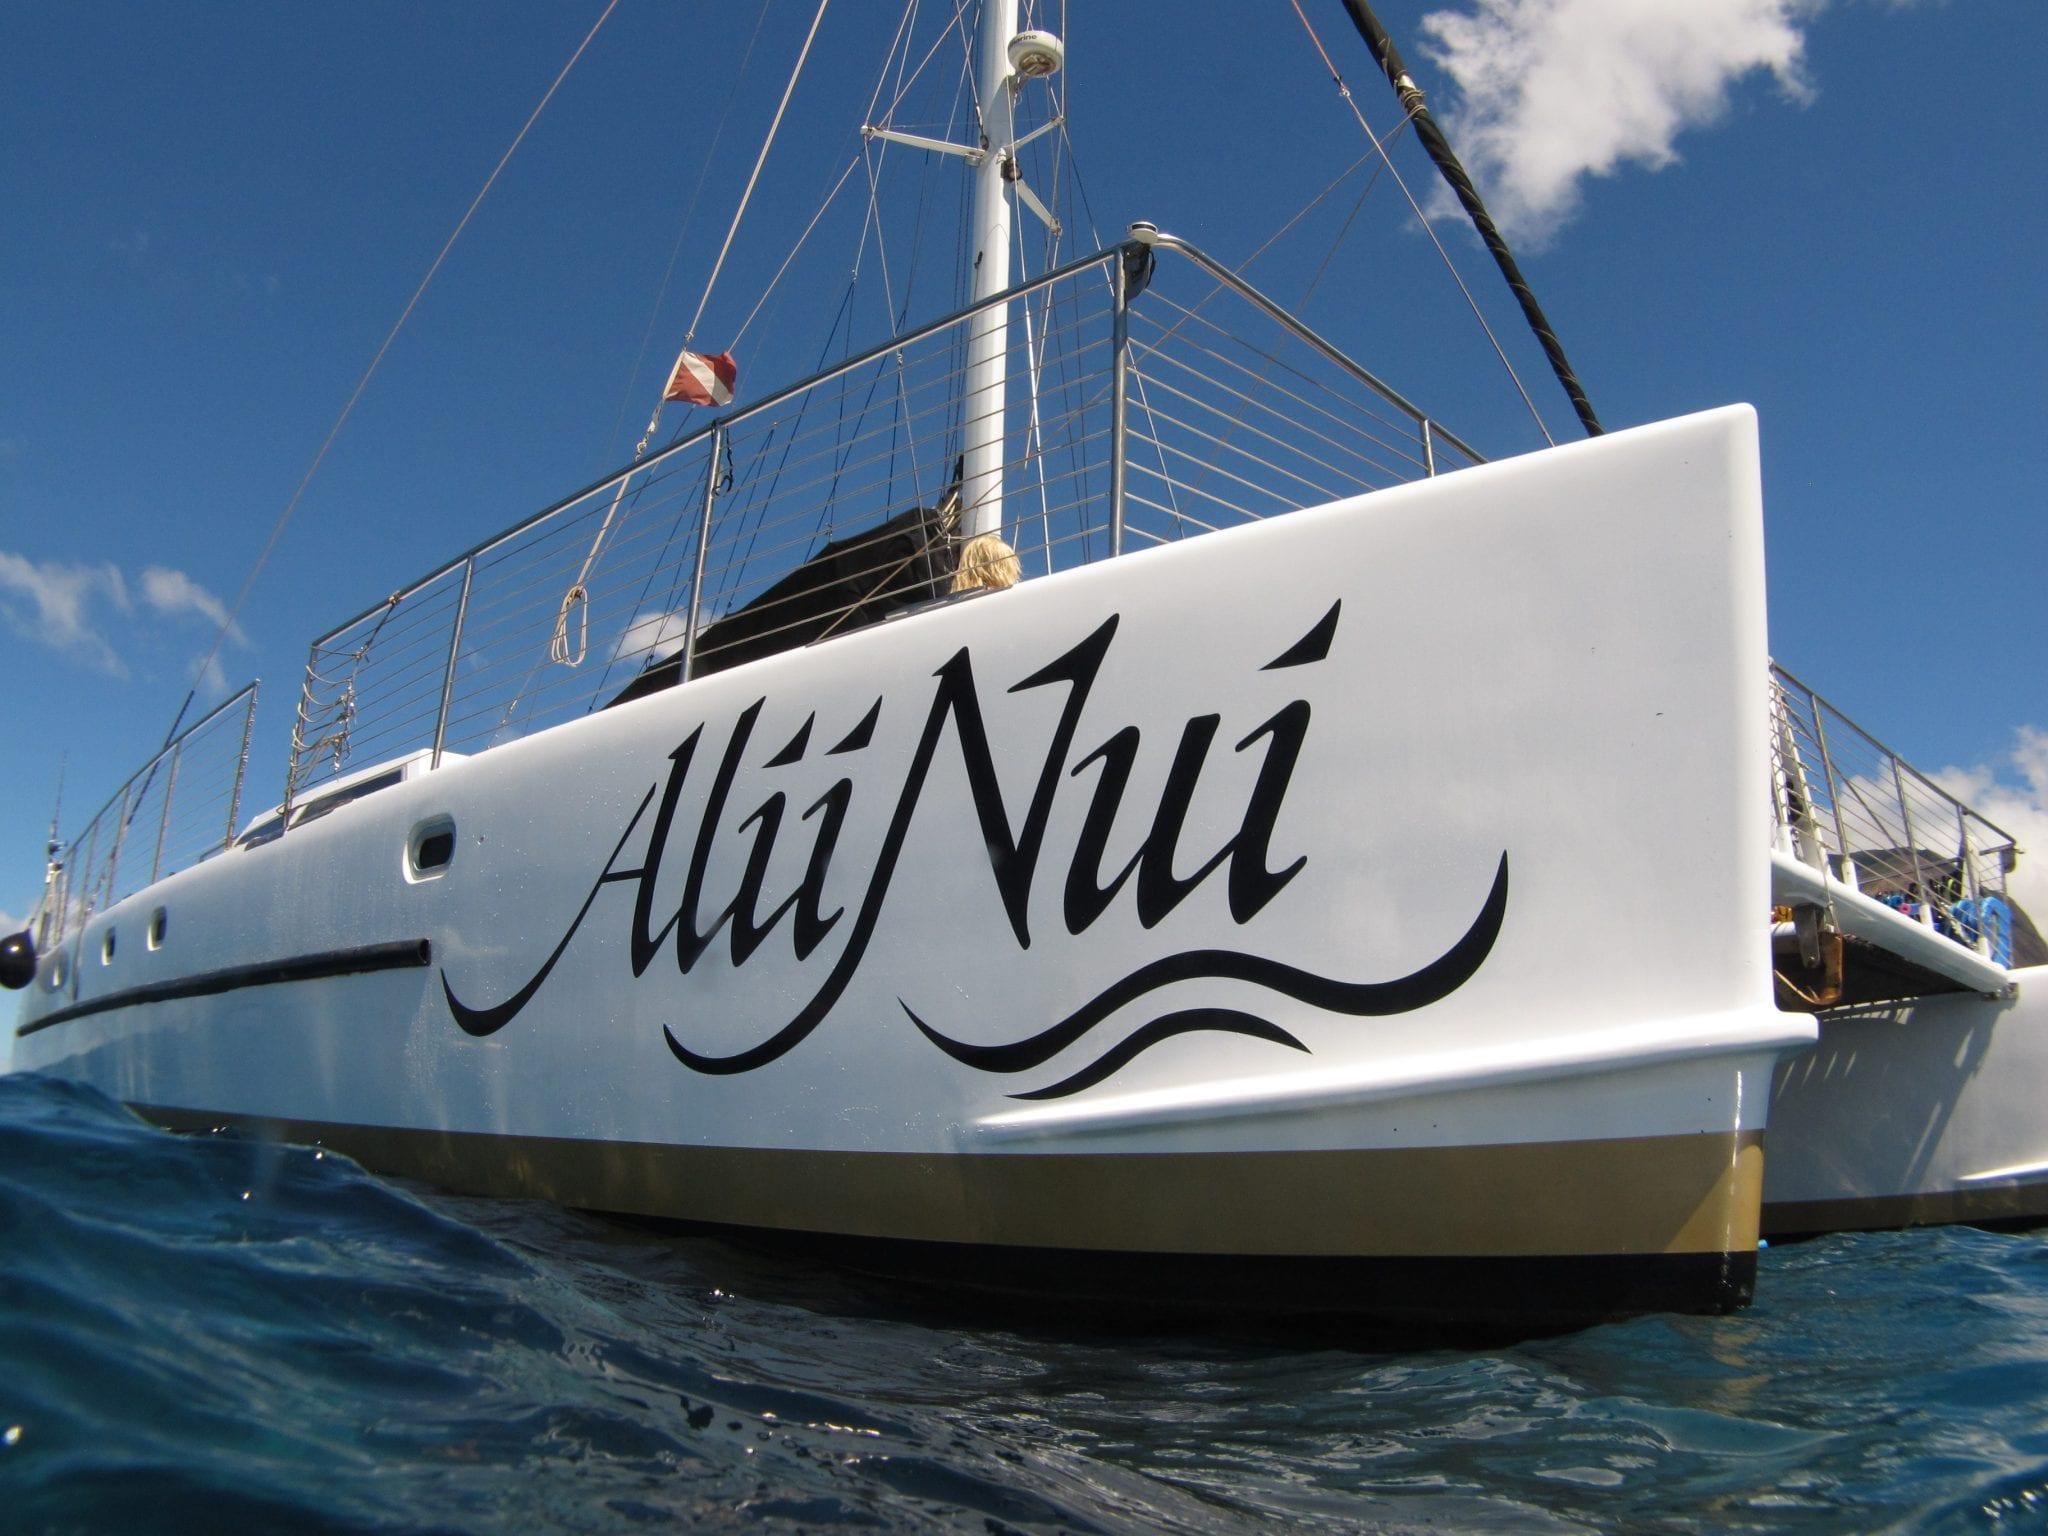 Calypso Maui Molokini Maui S Newest Activities Maui